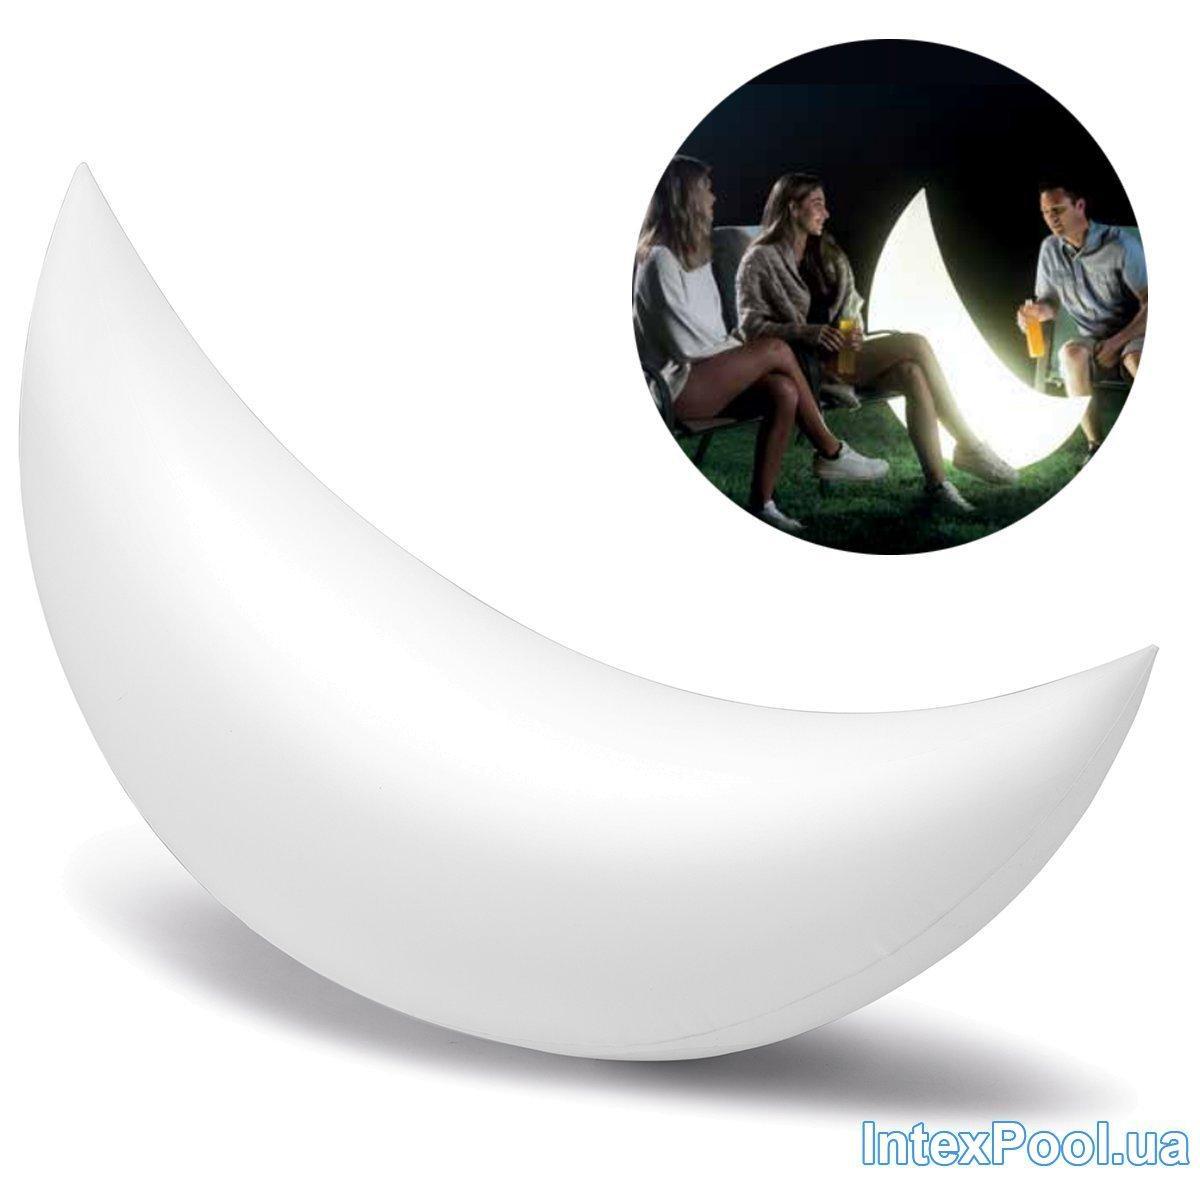 Светодиодная декоративная подсветка, фонарь Intex 68693 «Полумесяц» надувной, плавающий. Работает от аккумулятора.